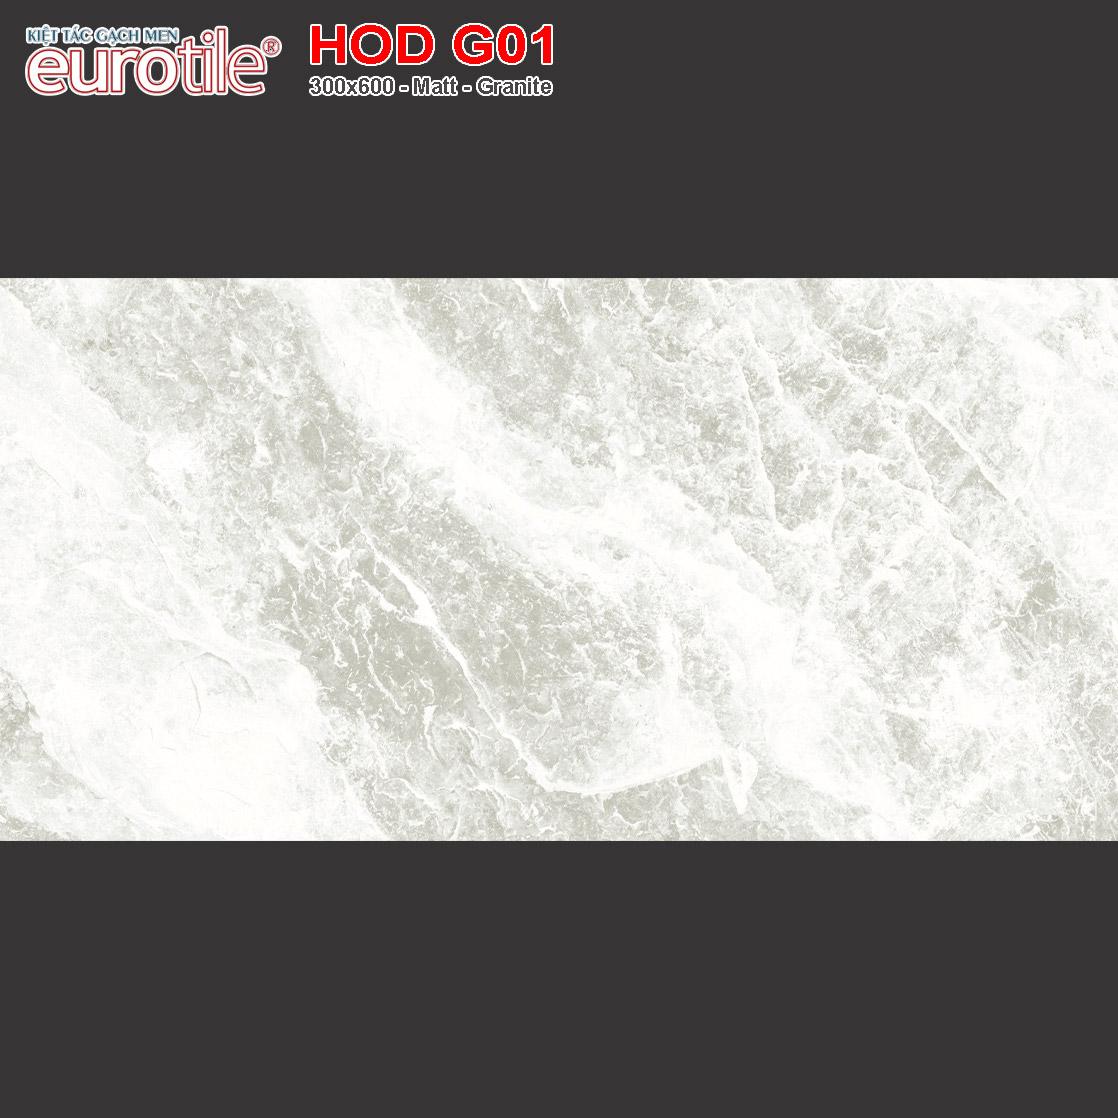 Gạch ốp lát 300x600 Eurotile Hoa Đá HOD G01 giá rẻ